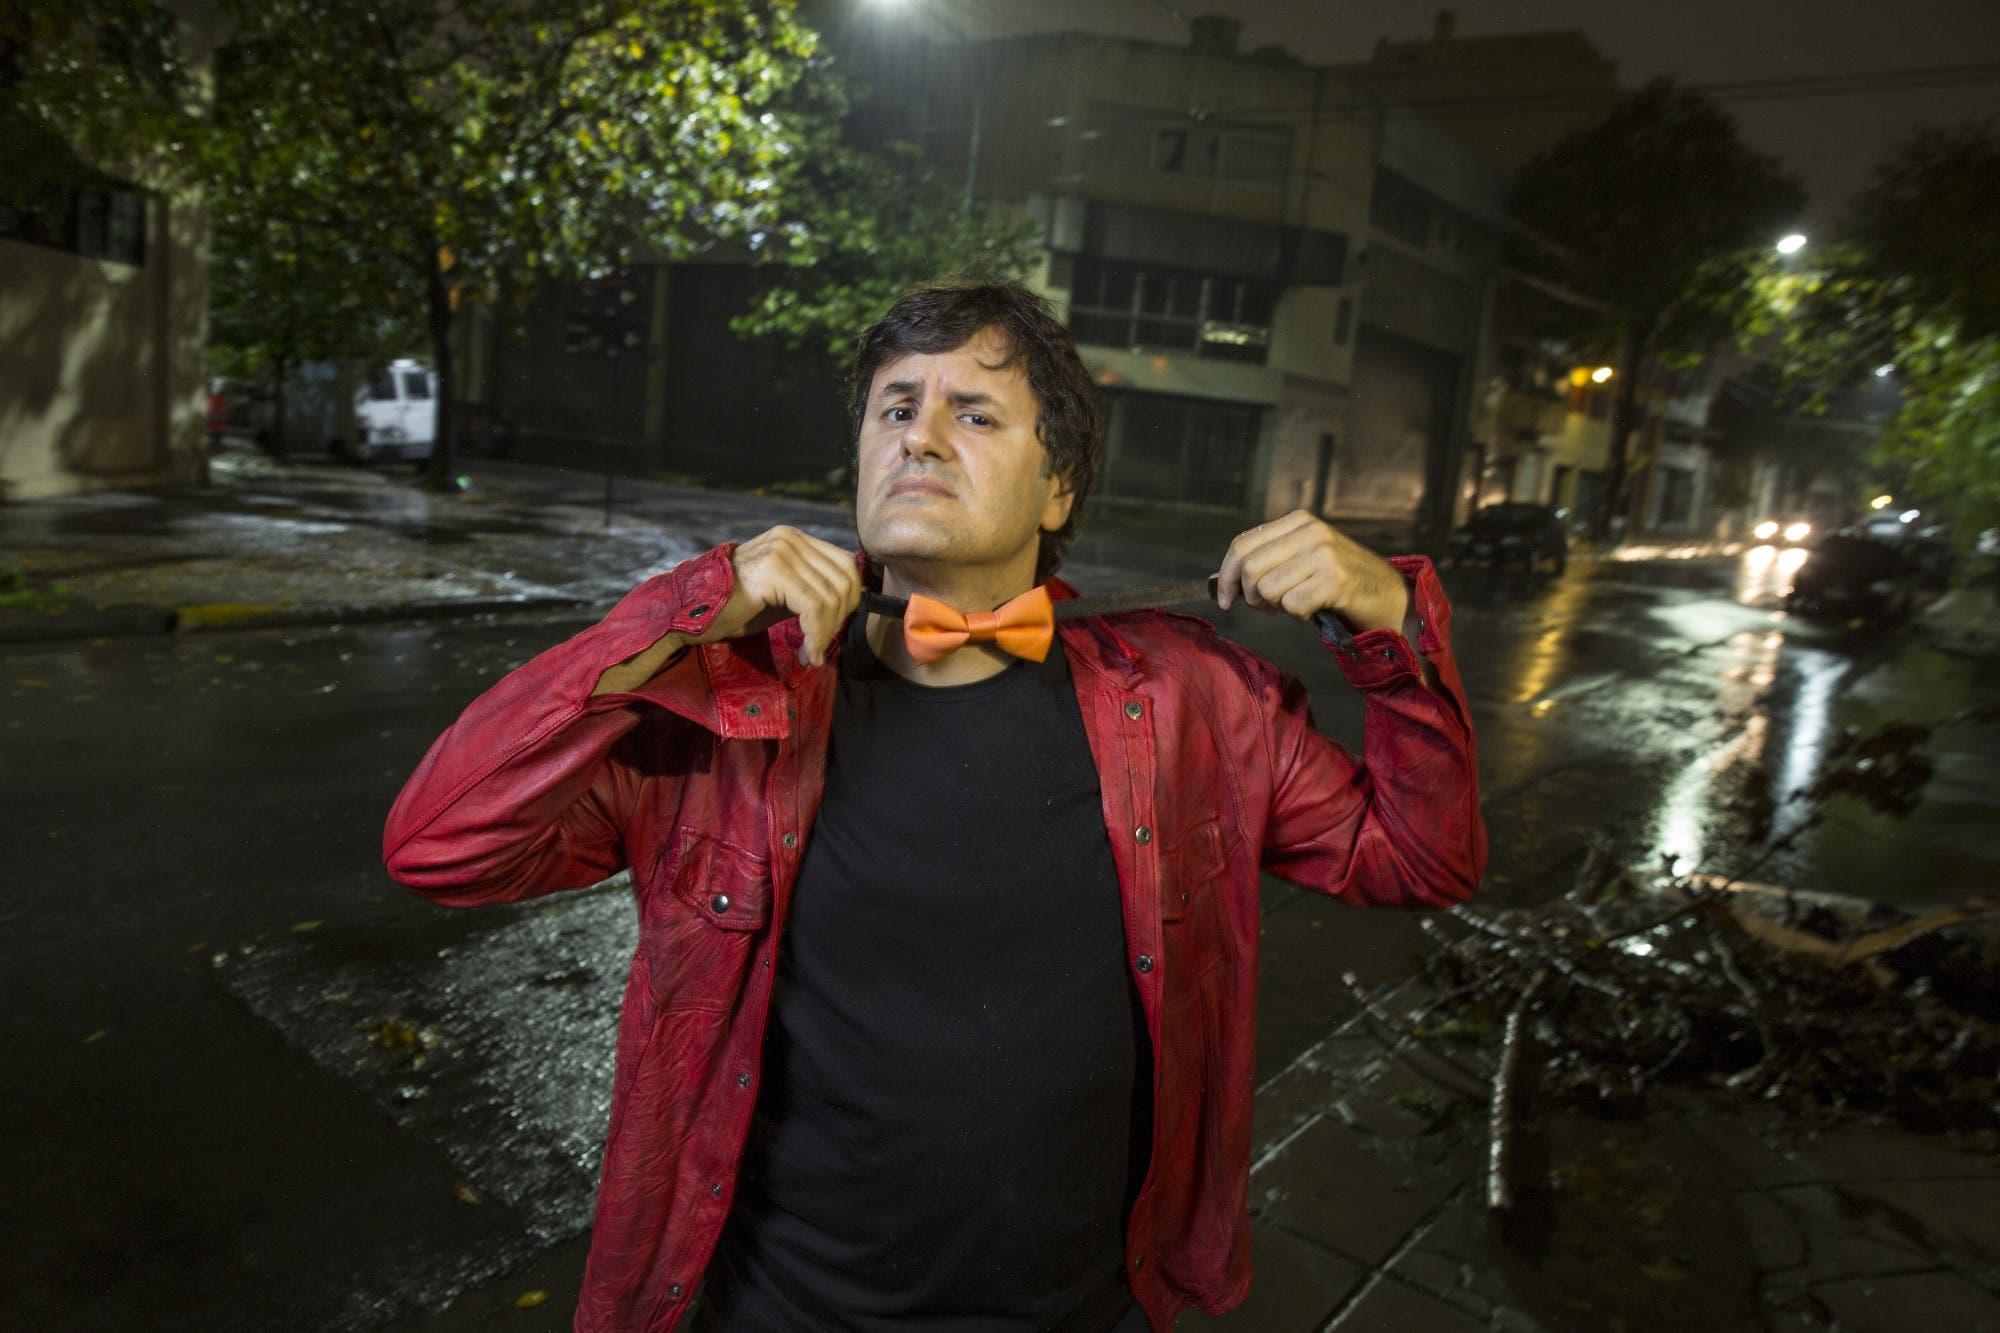 Andrés Ciro sorprendió a los alumnos de su escuela primaria con un mini-show